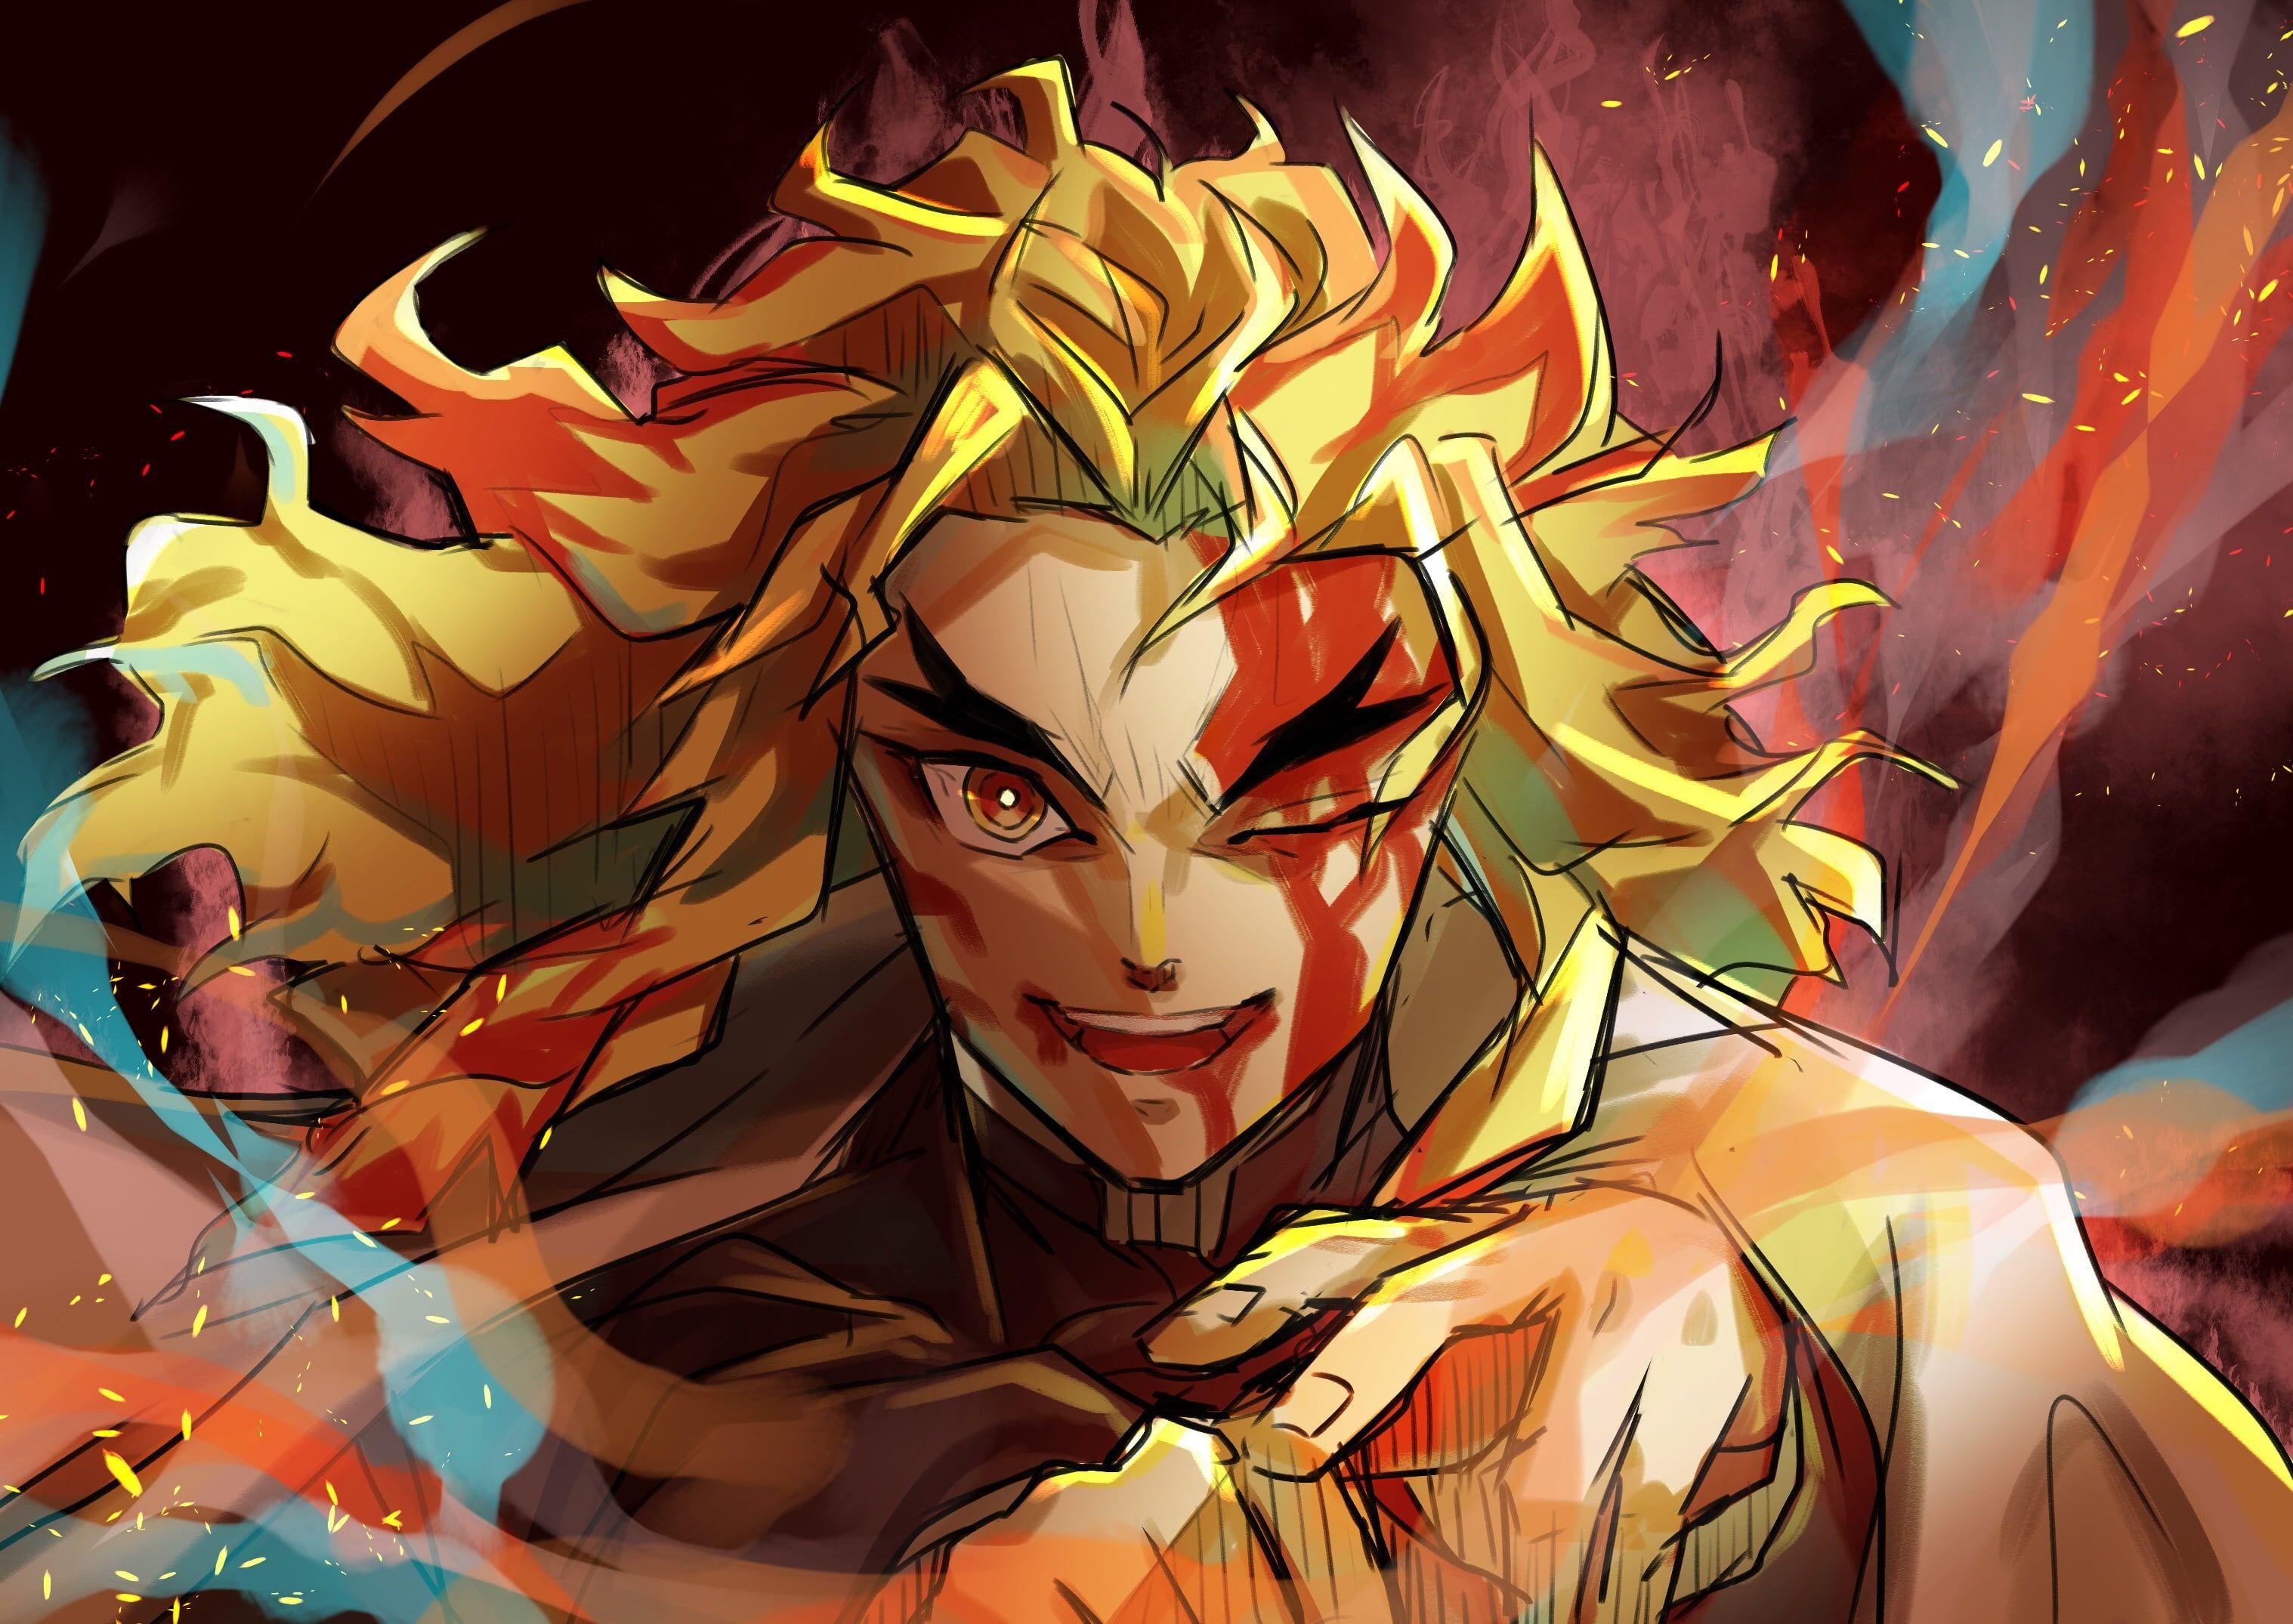 Anime Demon Slayer Kimetsu no Yaiba Kyojuro Rengoku 2K